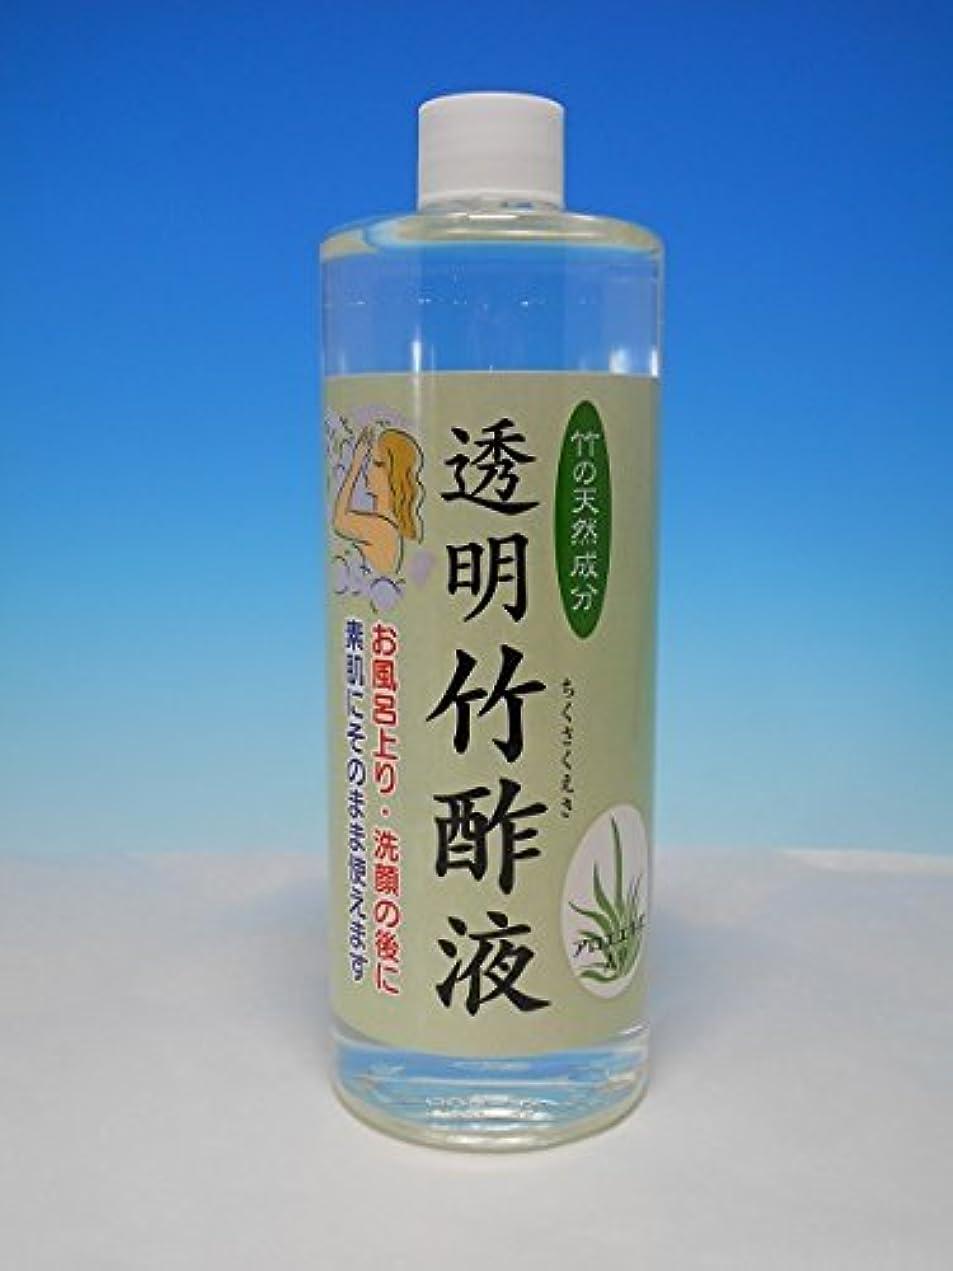 酔う小売お手伝いさん透明竹酢液 500ml 素肌に使える化粧水タイプの竹酢液